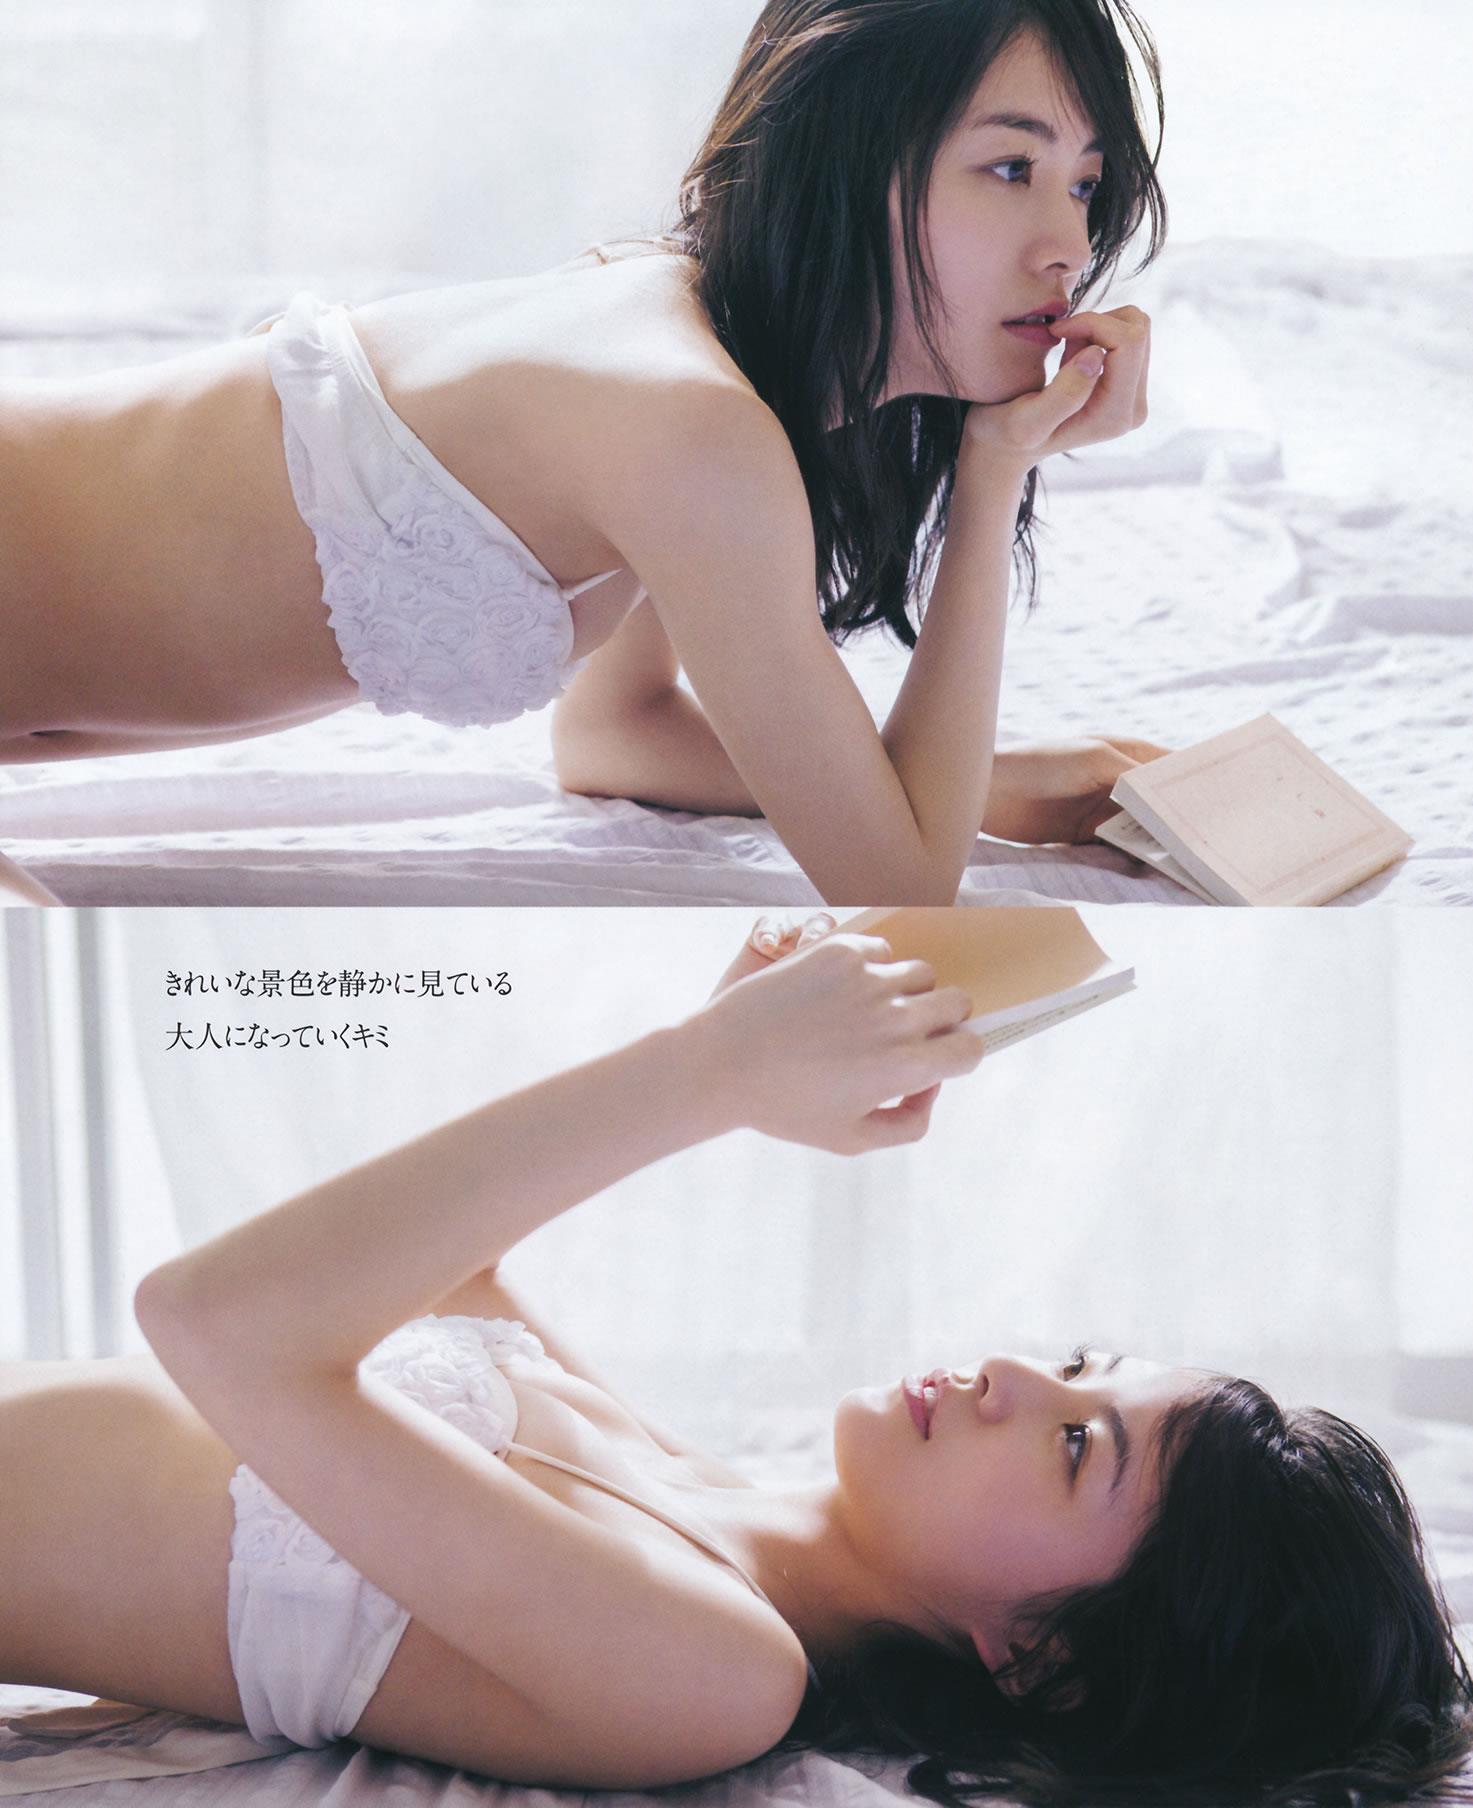 松井珠理奈 画像 28